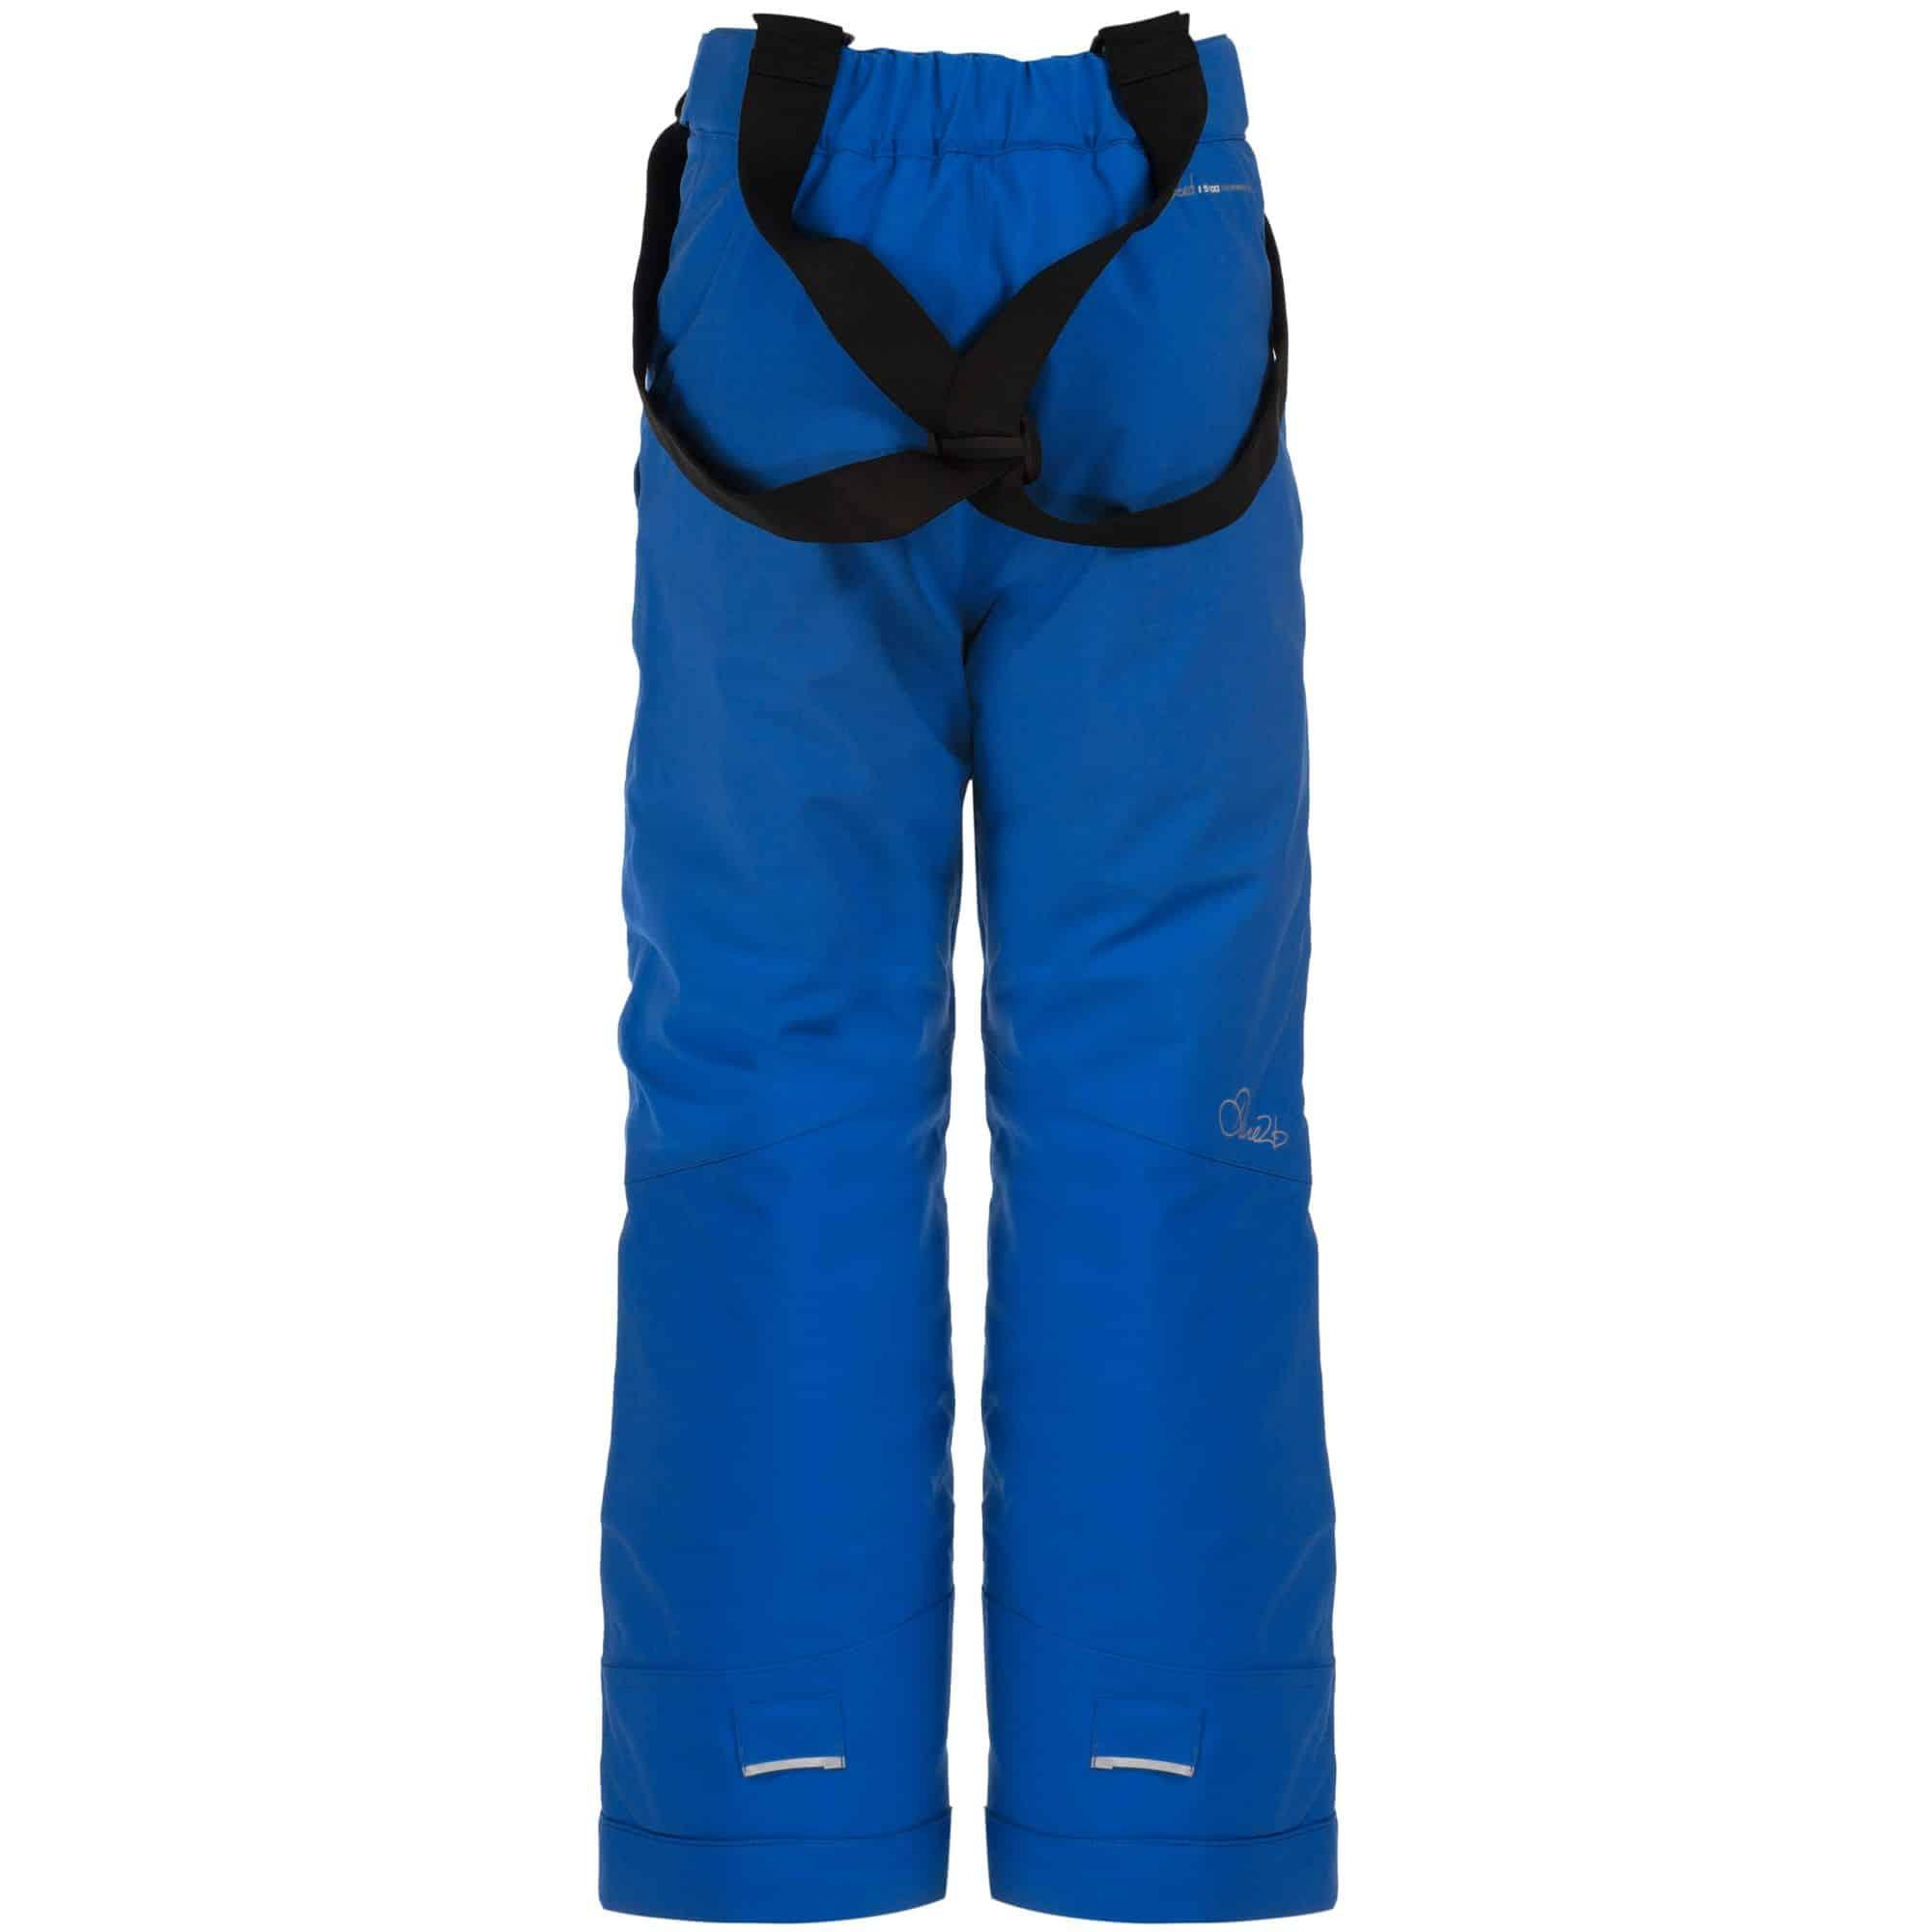 take on oxford blue braces rear